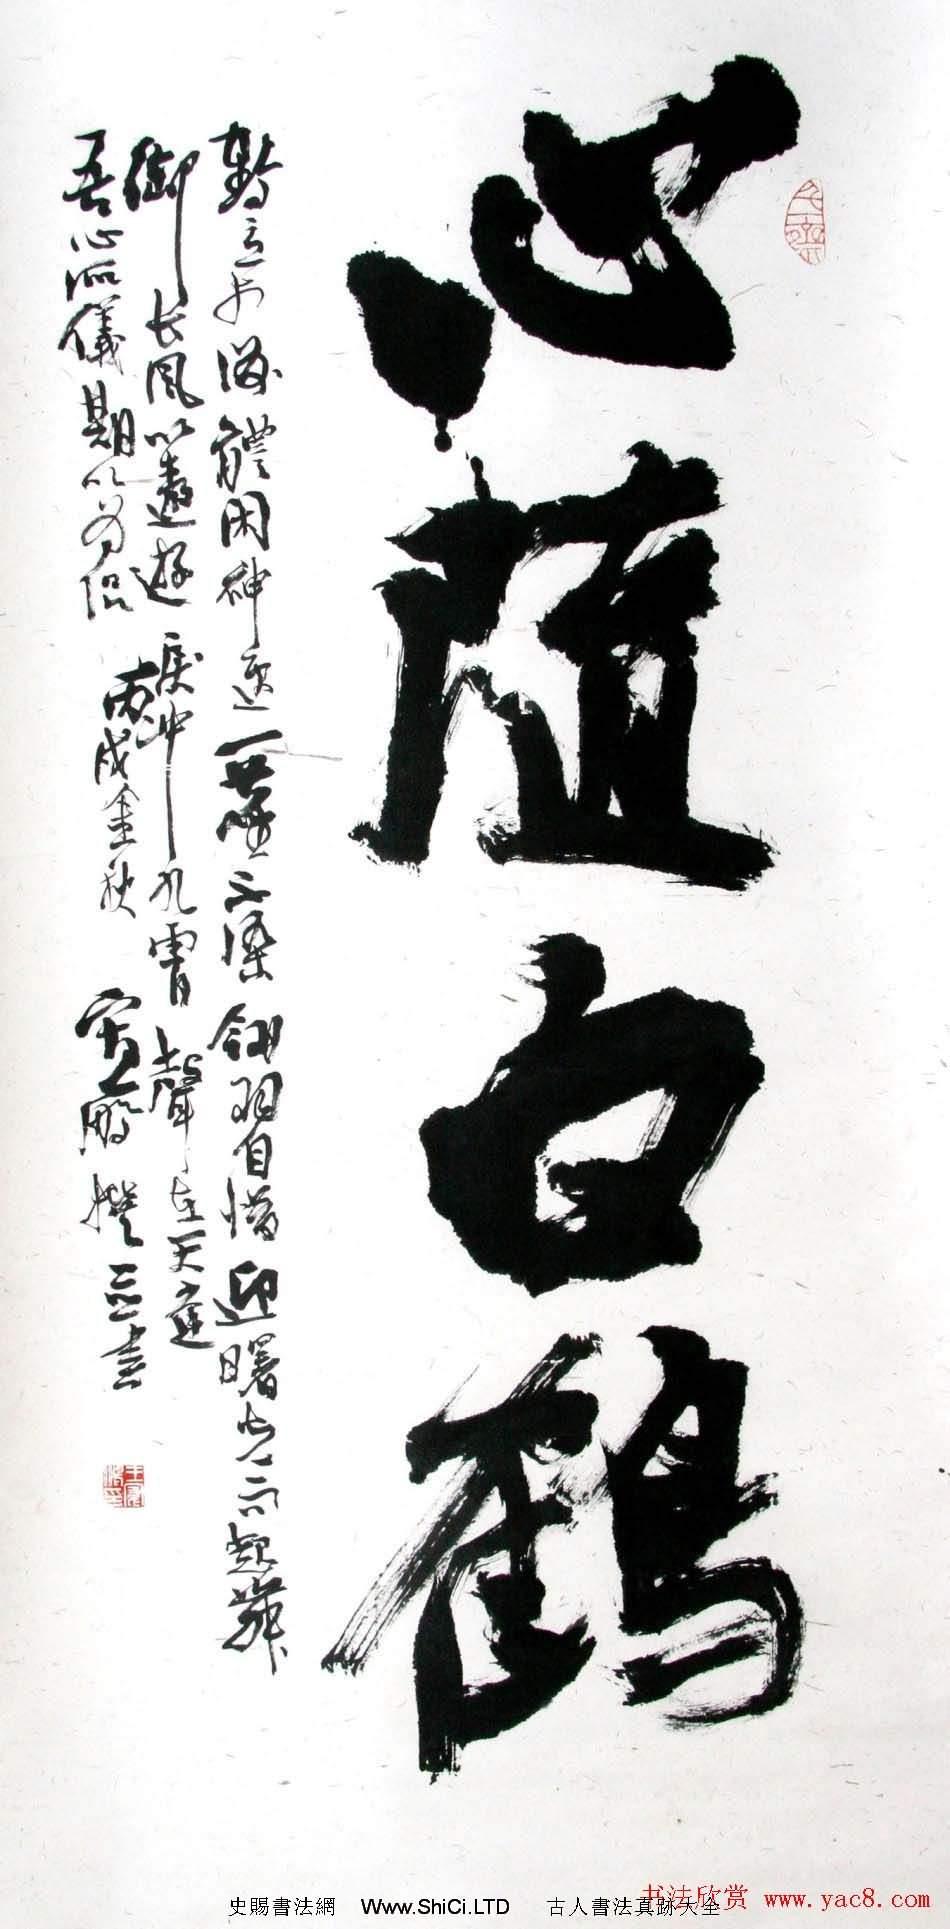 王寬鵬意象書法作品欣賞